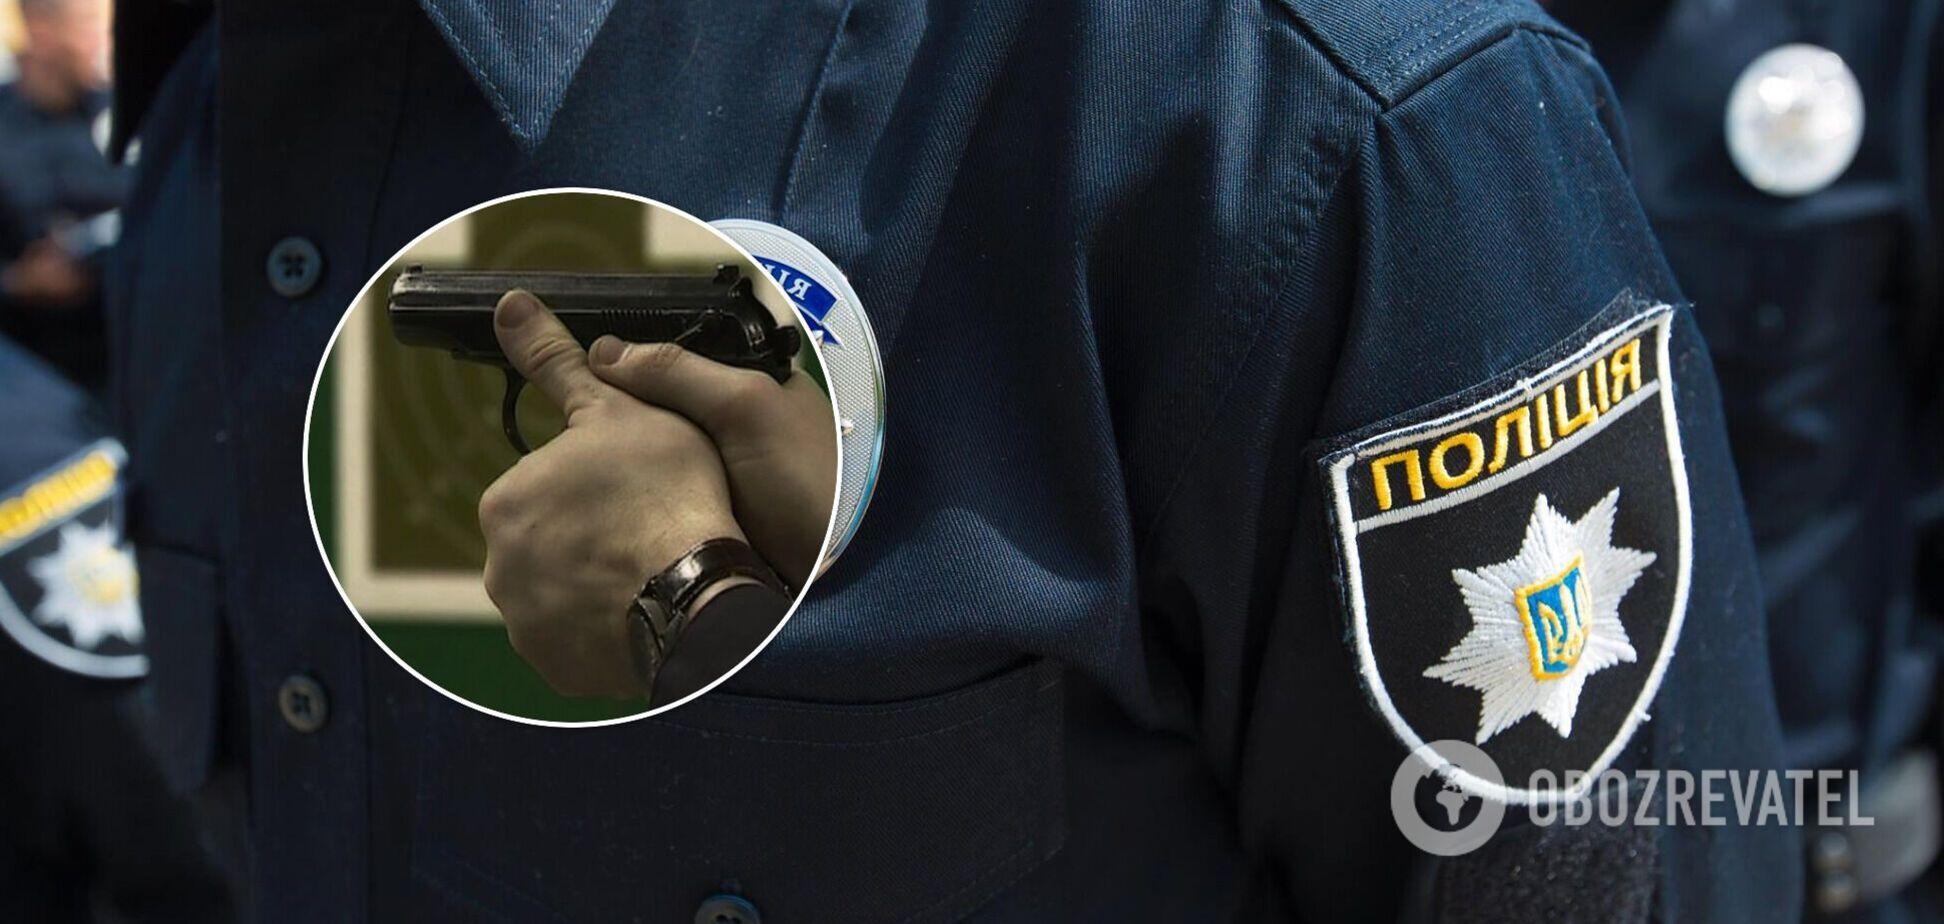 В Одессе полицейский выстрелил себе в живот, пытаясь поймать пистолет